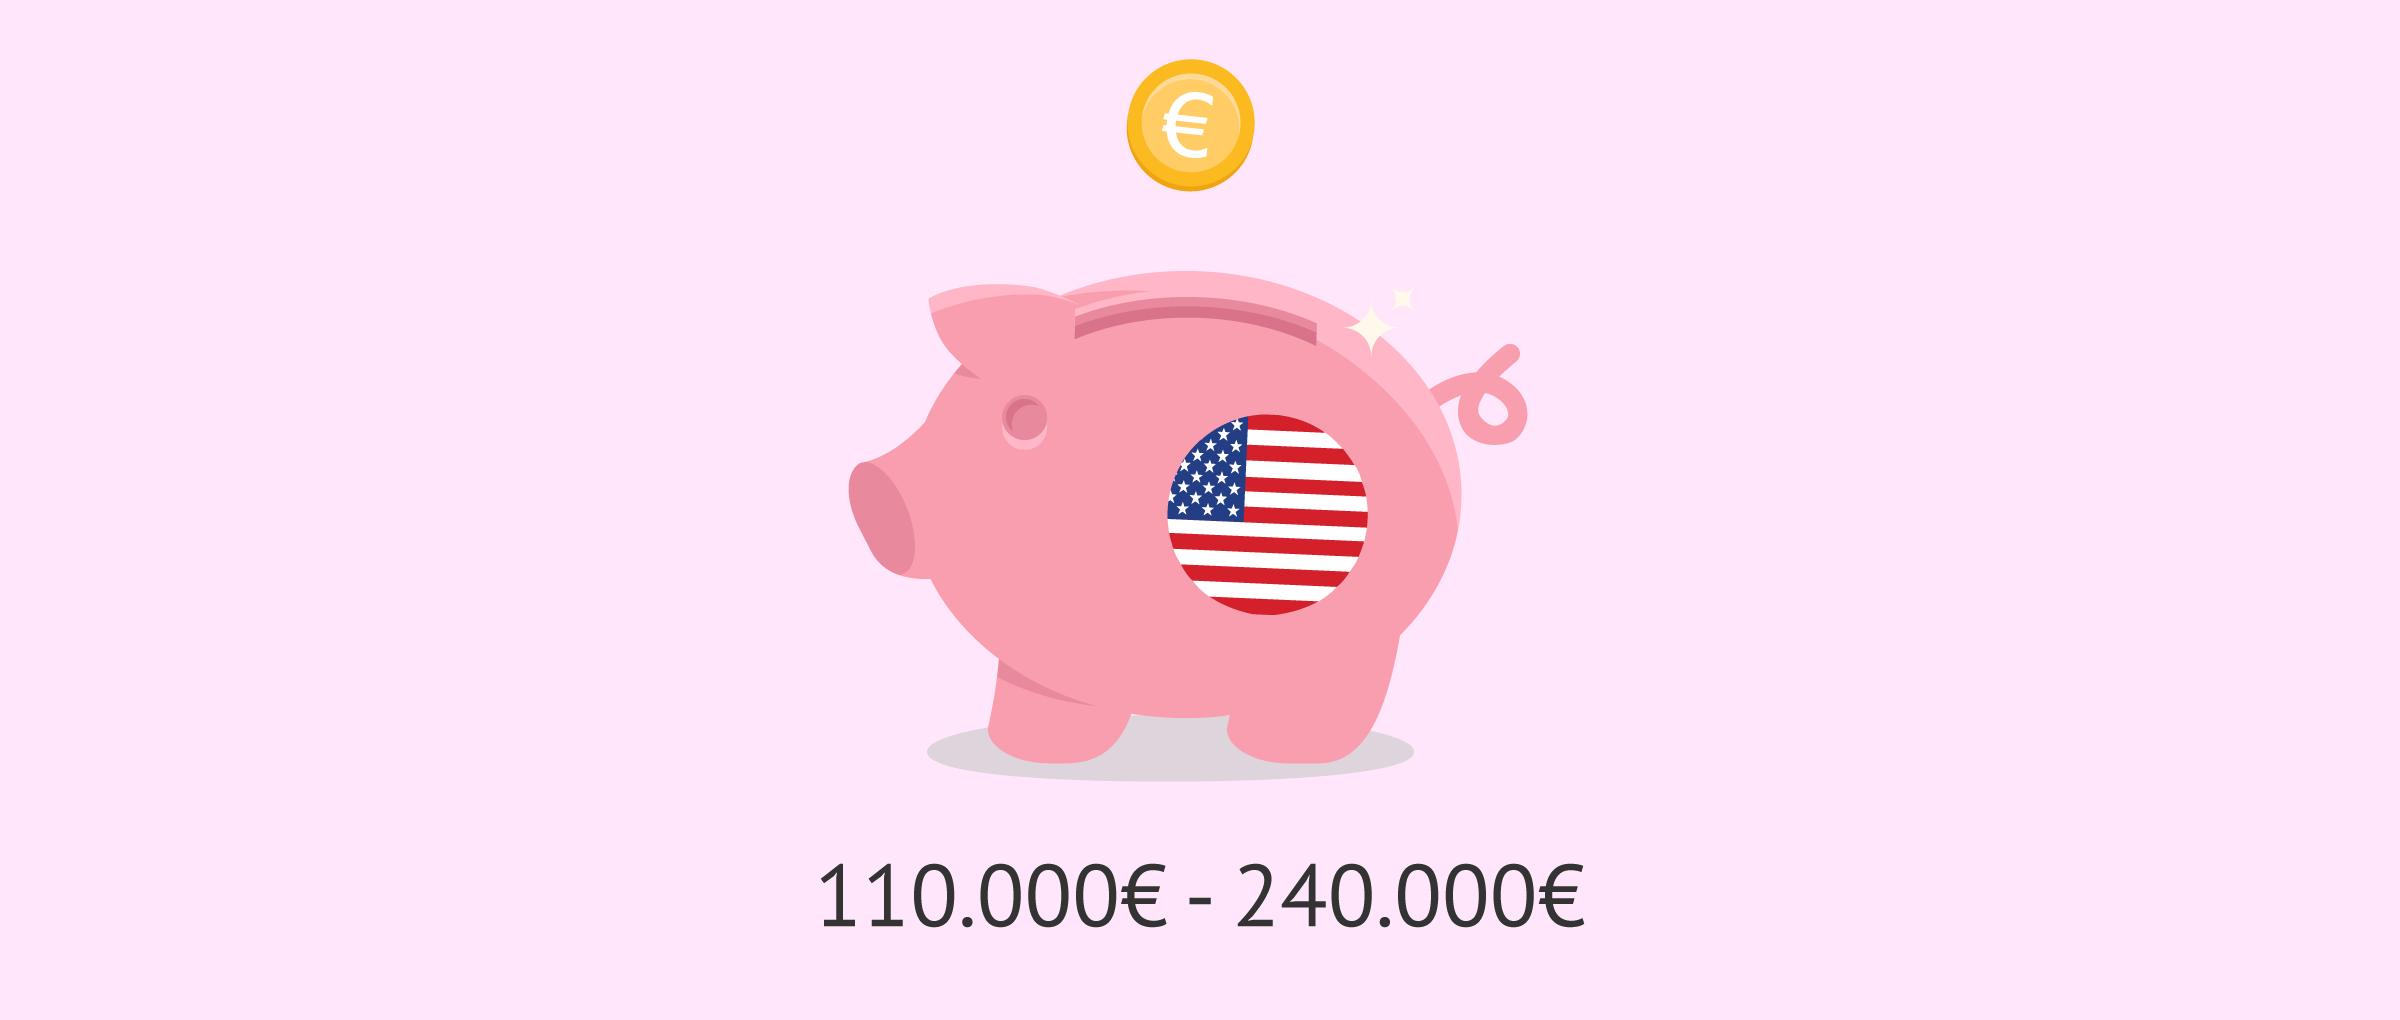 Preise in der Leihmutterschaft in den USA